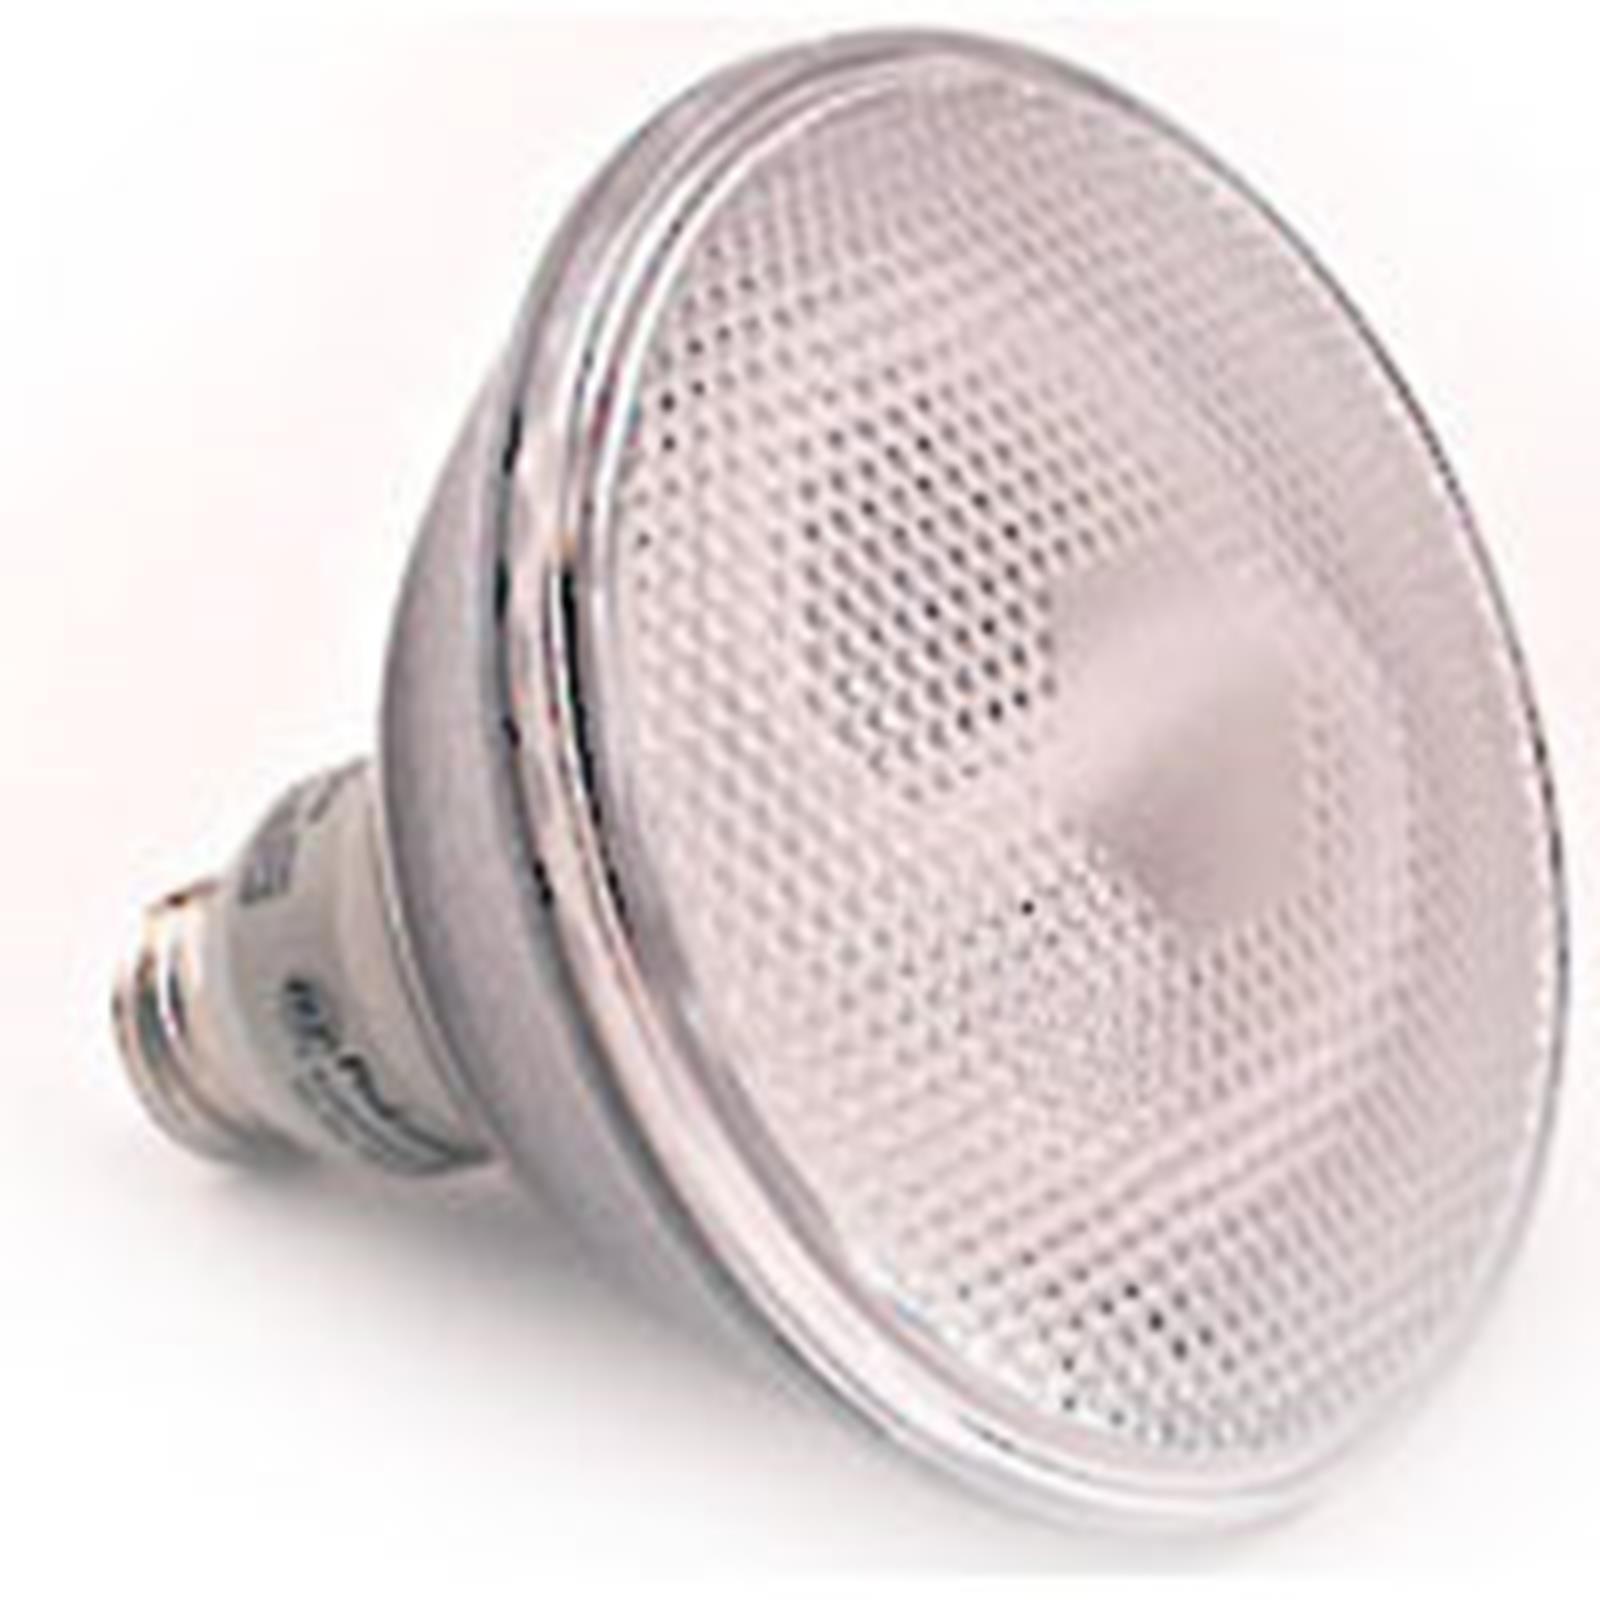 6 Qty. Halco 23W Spiral PAR38 2700K Med ProLume CFL23/27/PAR38 23w 120v CFL Warm White Flood Lamp Bulb